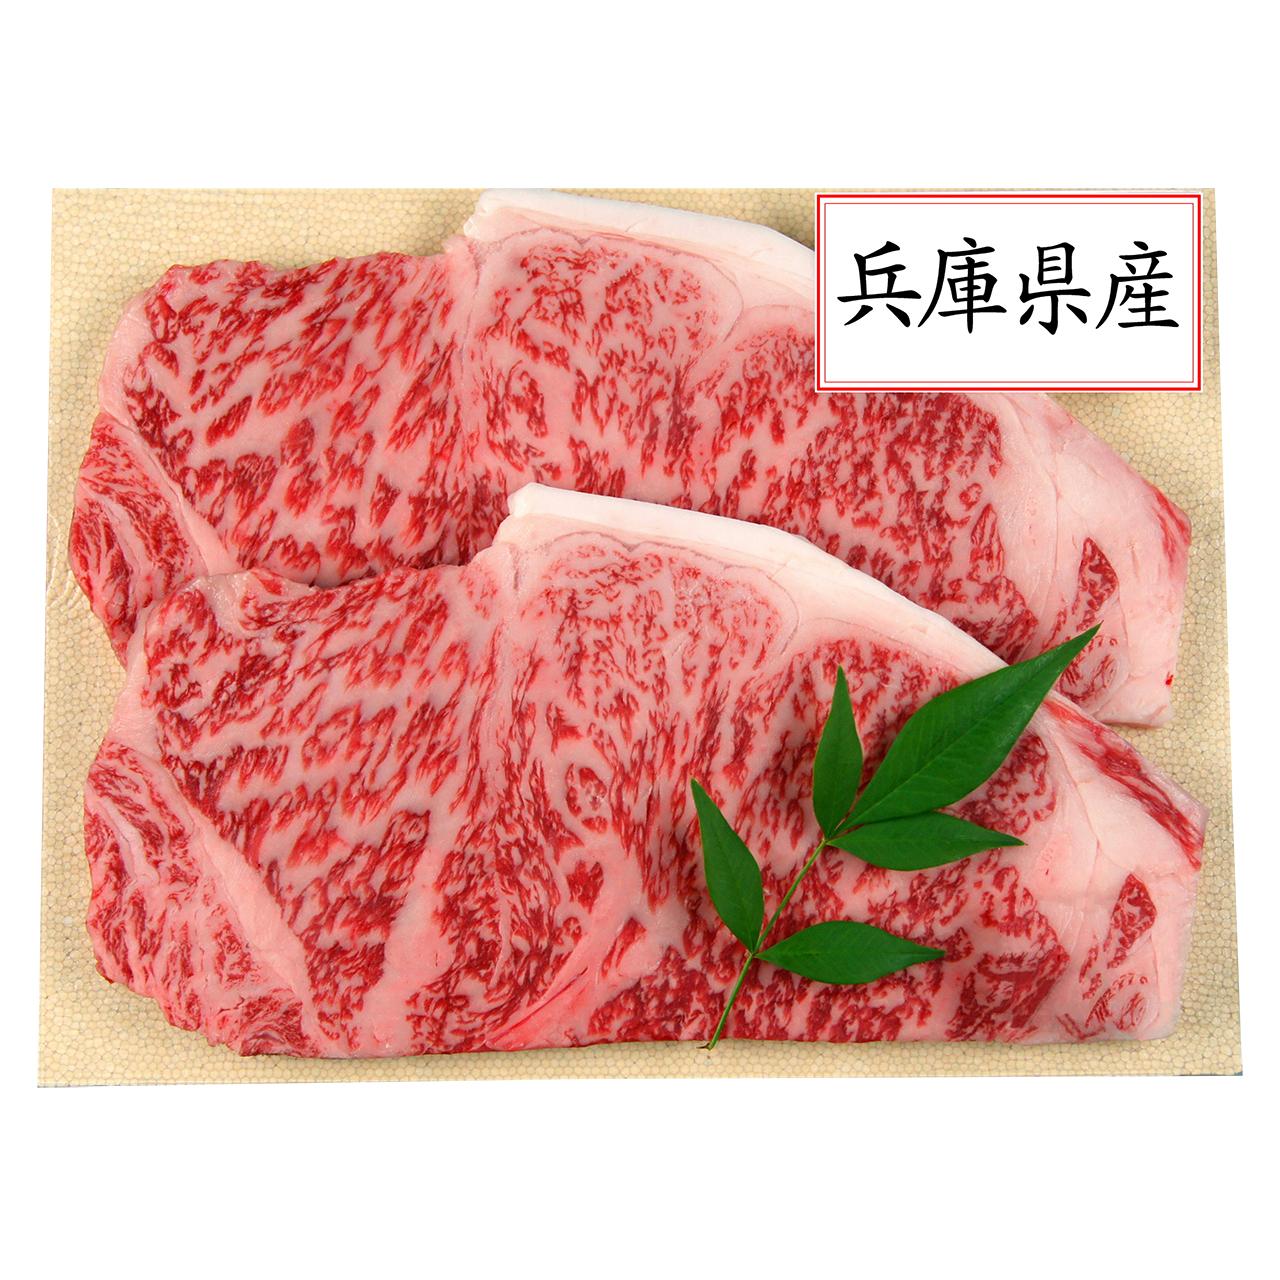 敬老祝い 兵庫県産黒毛和牛ステーキ用